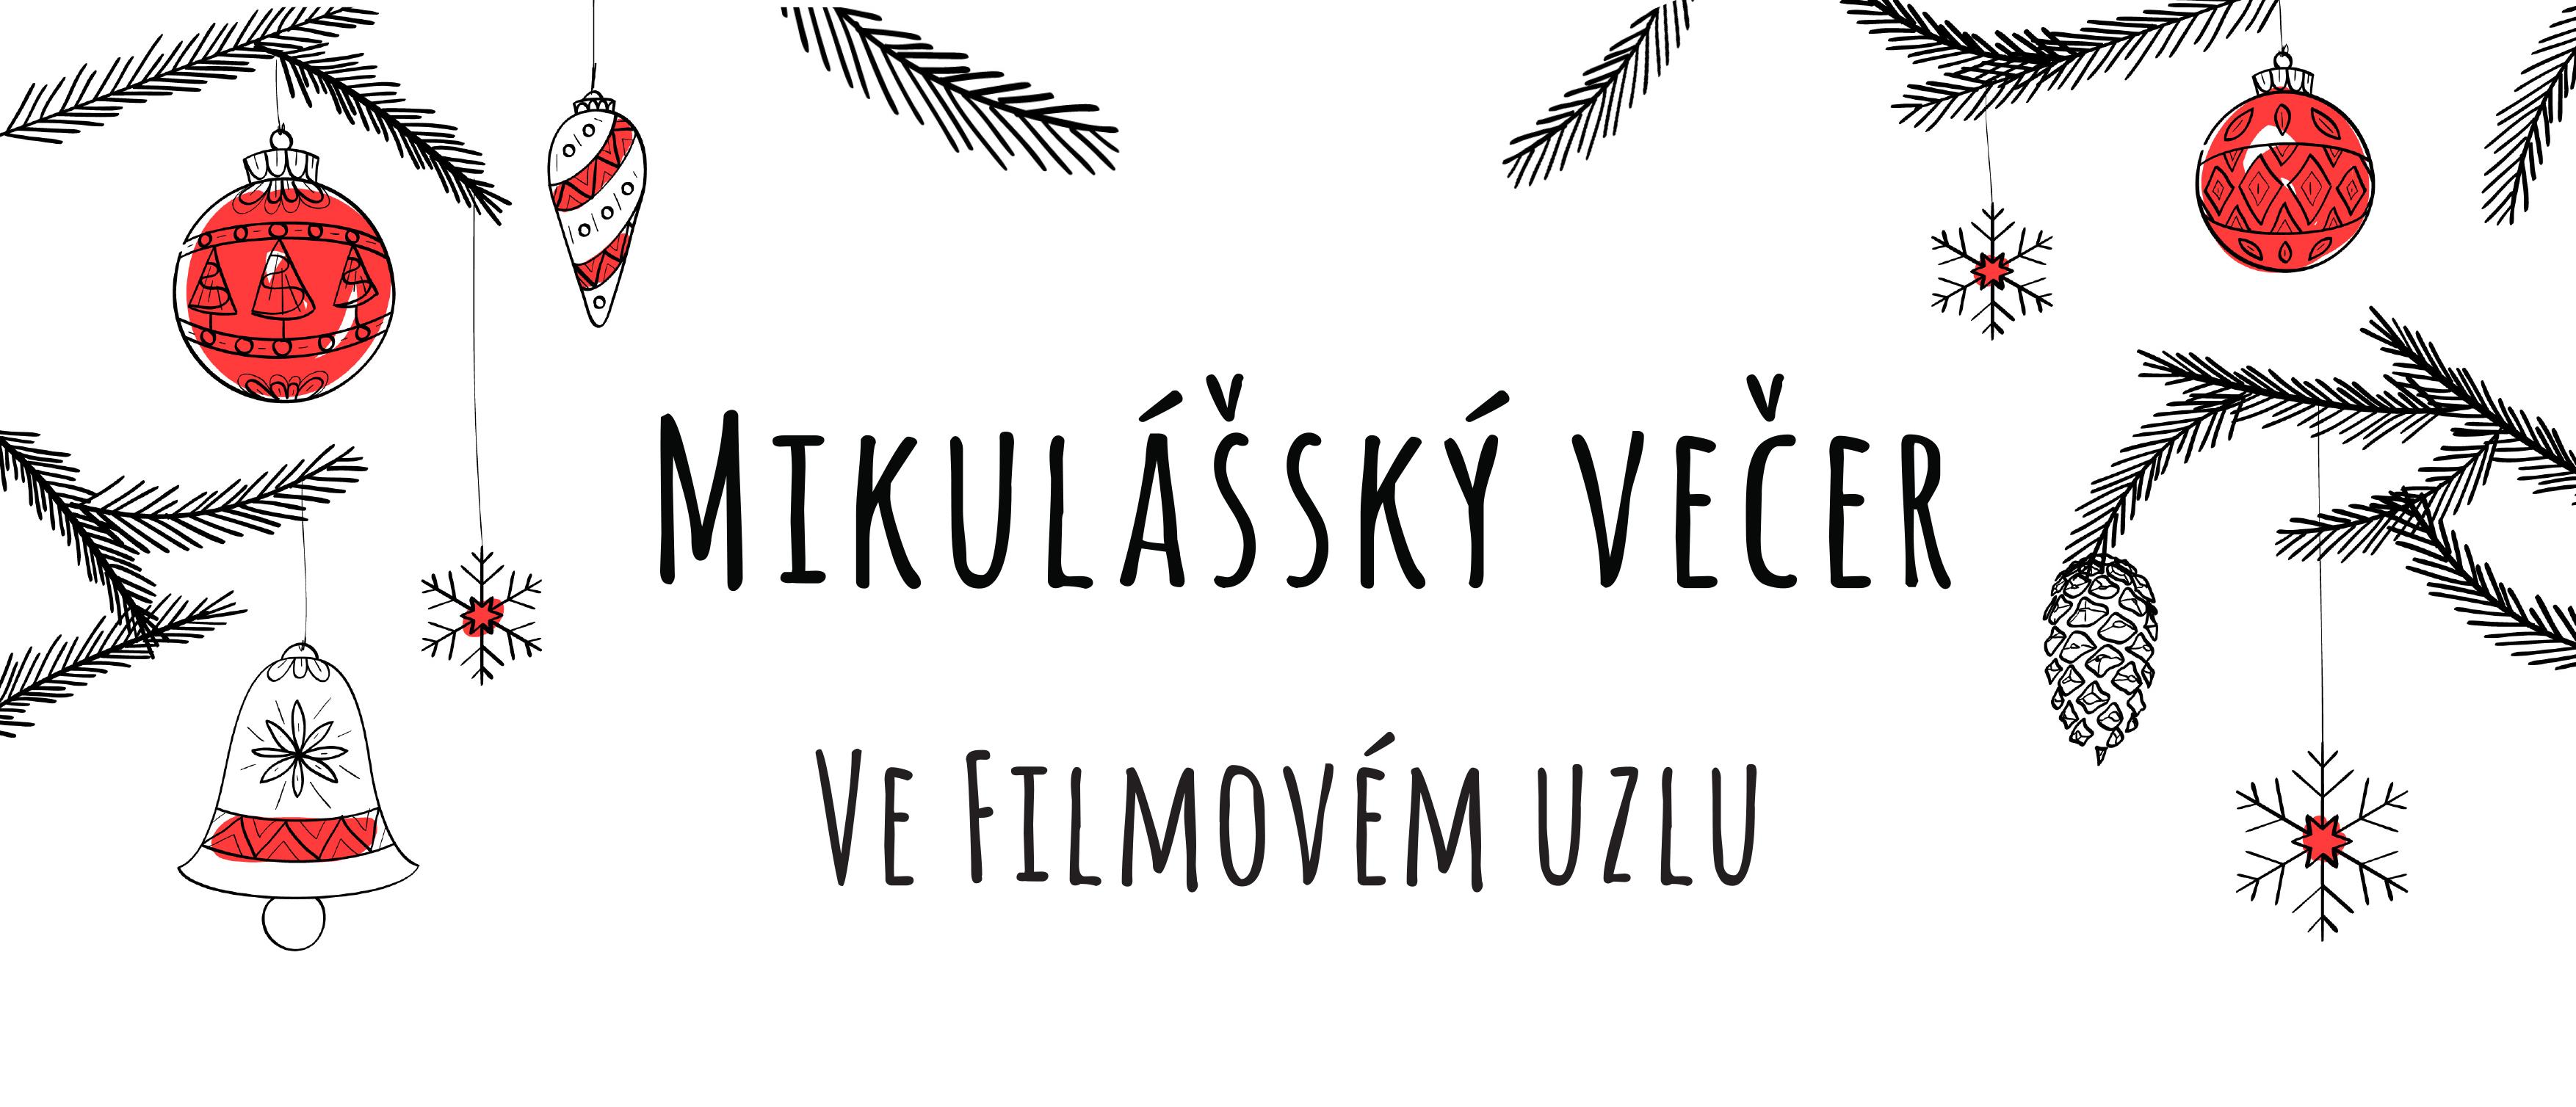 Filmový uzel Zlín - Mikulášský večer